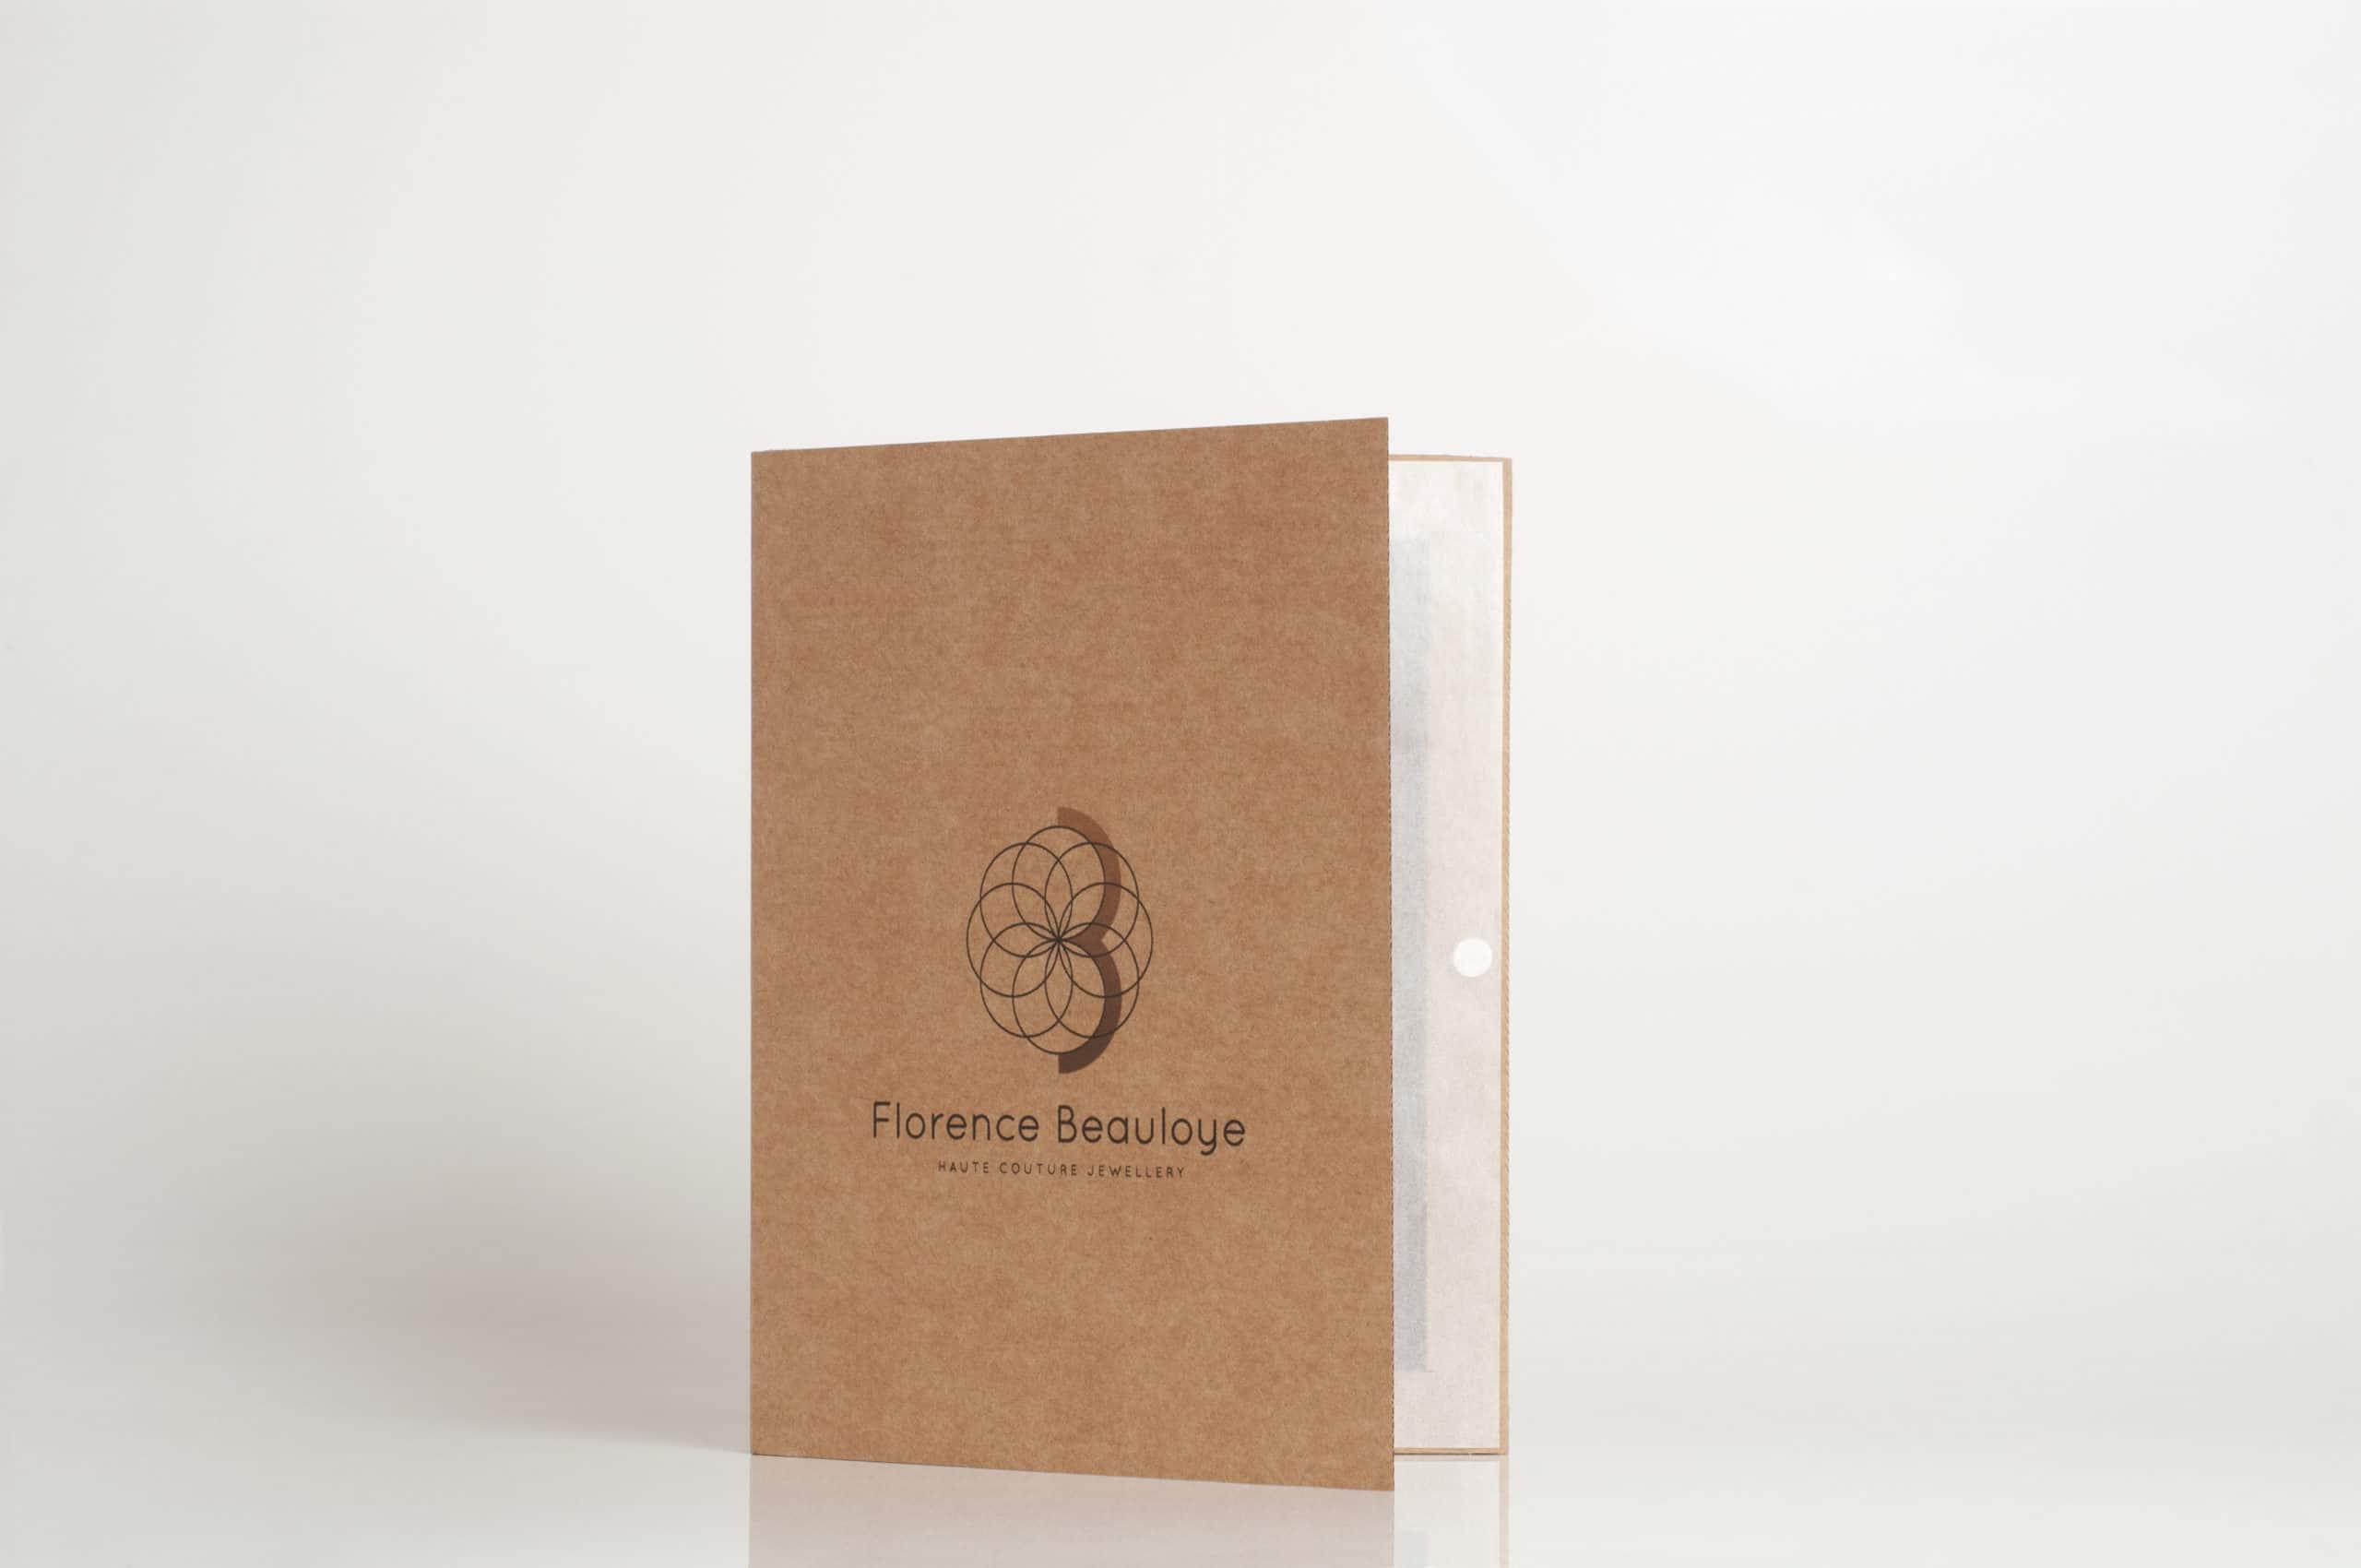 FB-Packaging-1